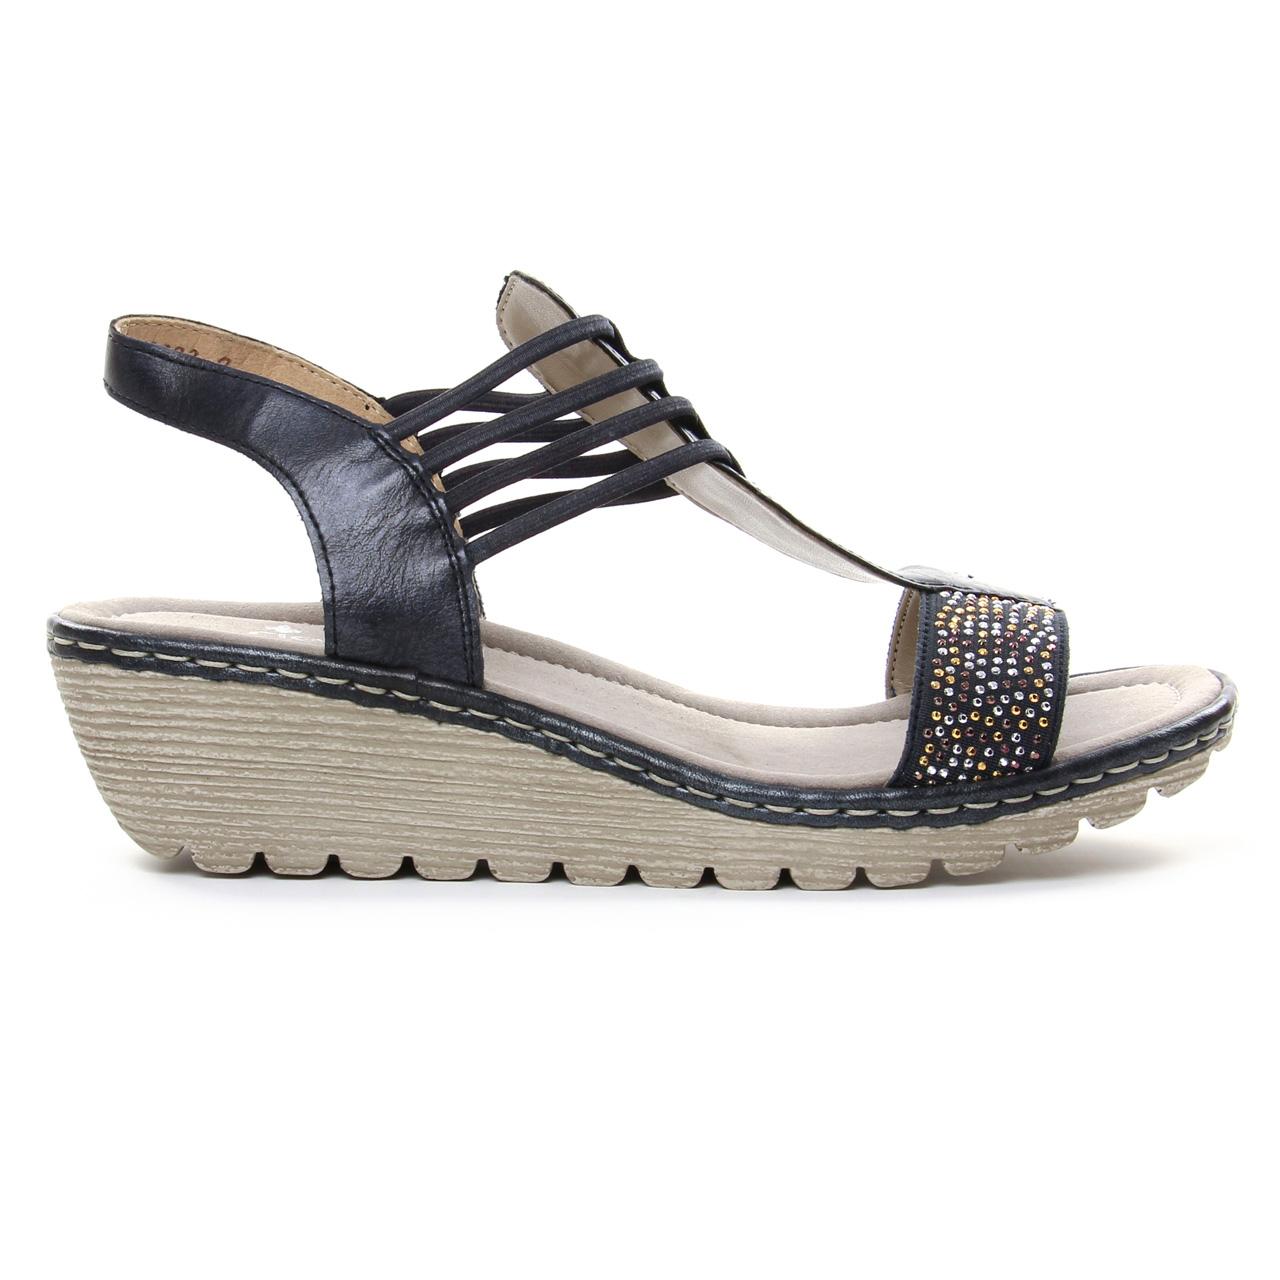 fe970c6b9ecd4 sandales compensées bleu marine mode femme printemps été vue 2